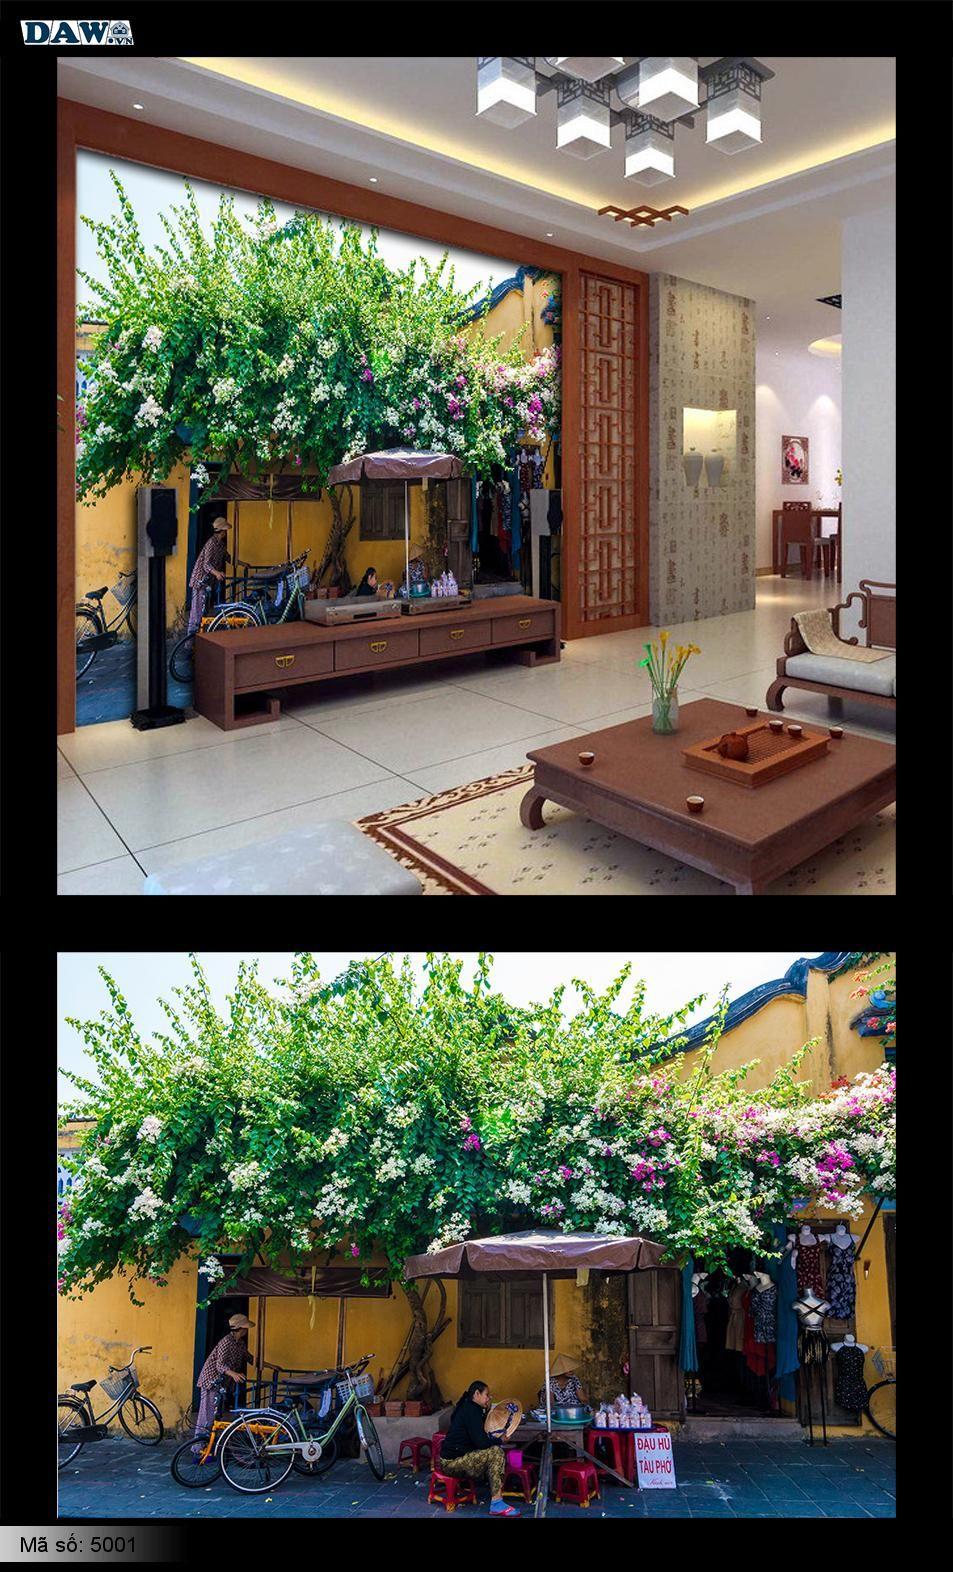 Tranh dán tường góc phố, góc phố đẹp, phố Hội An, hoa giấy, bông giấy, tranh dán tường hoa bông giấy, tranh phố Hội An 5001